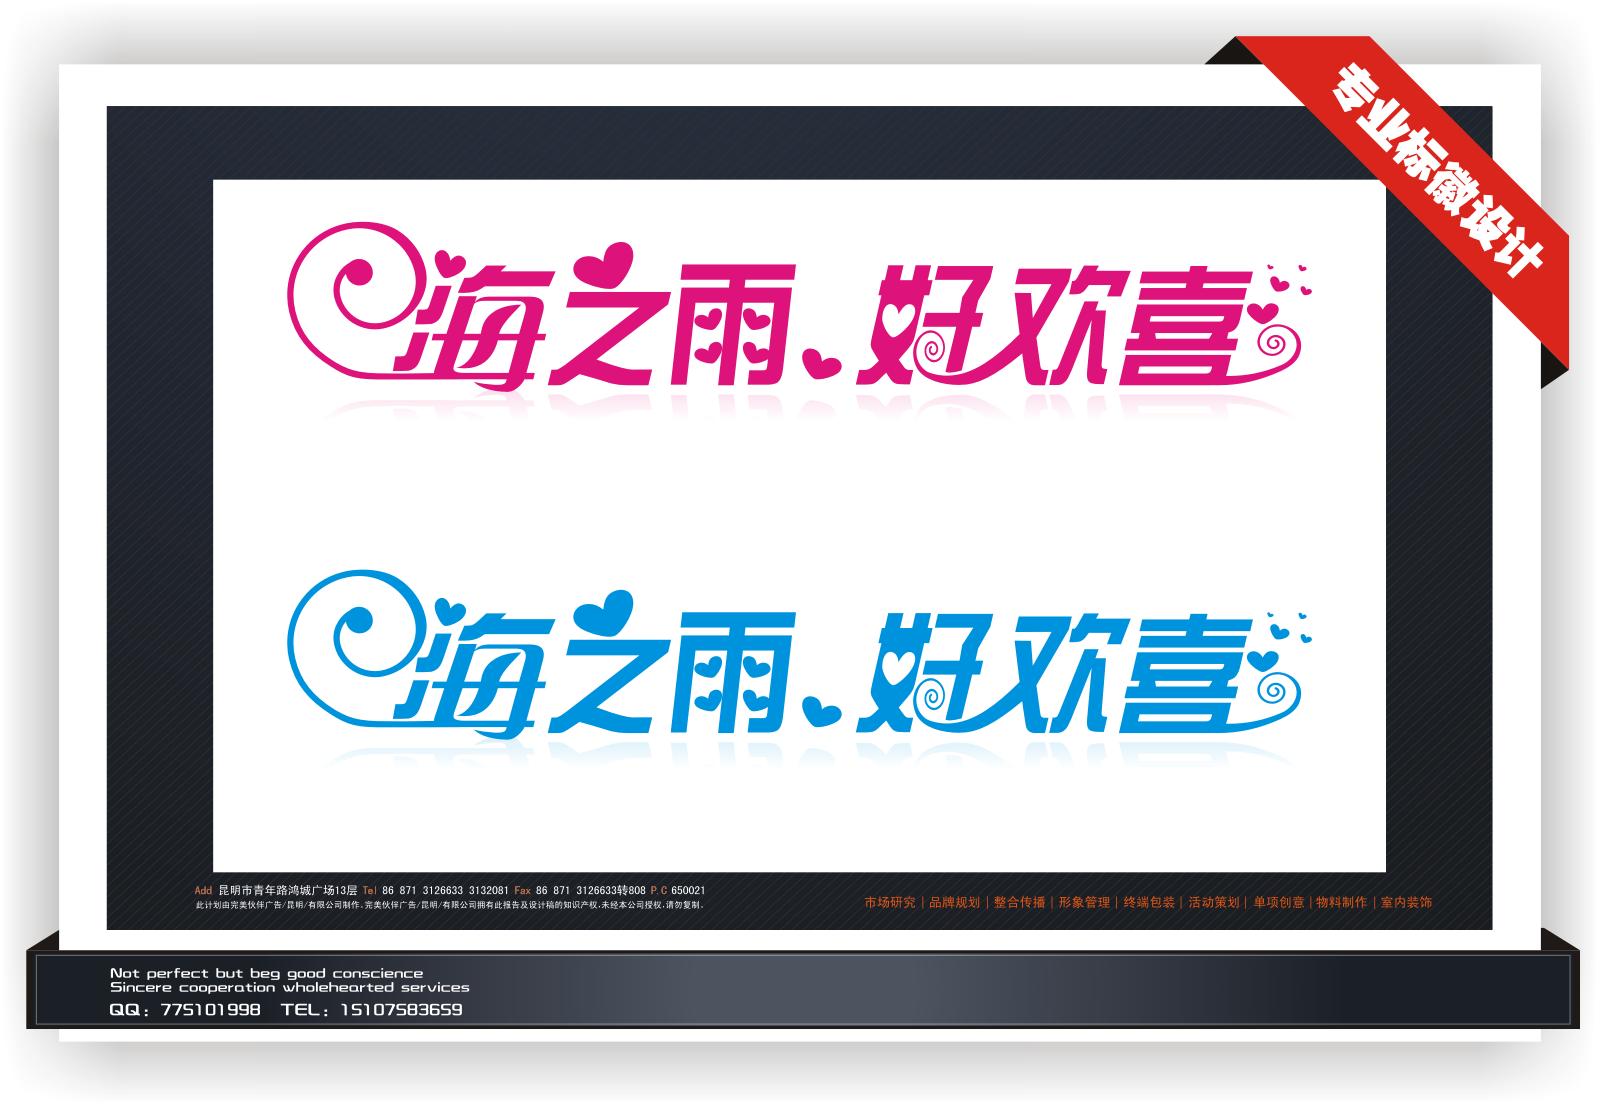 征广告语字体设计及布局摆设